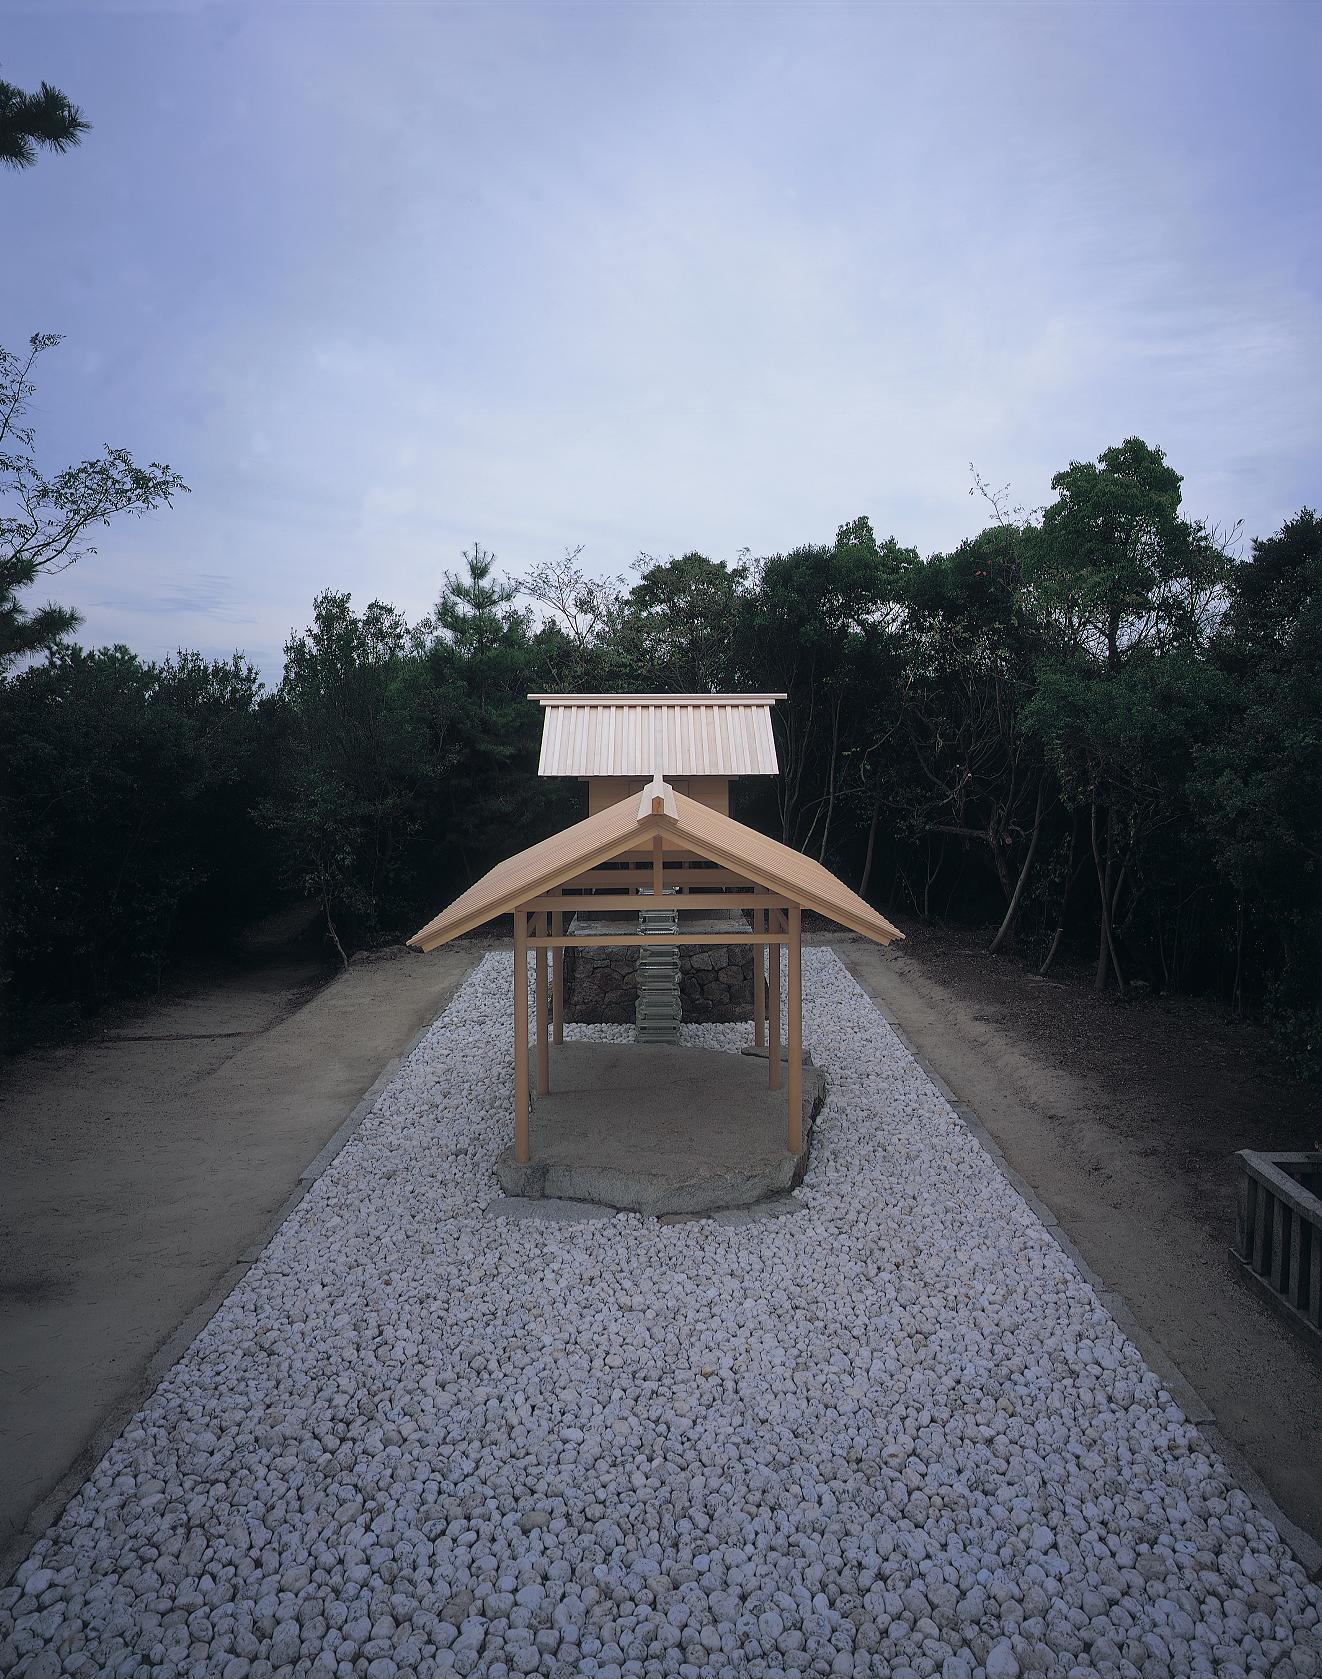 Go'o Shrine, Hiroshi Sugimoto: Appropriate Proportion, Photo: Hiroshi Sugimoto